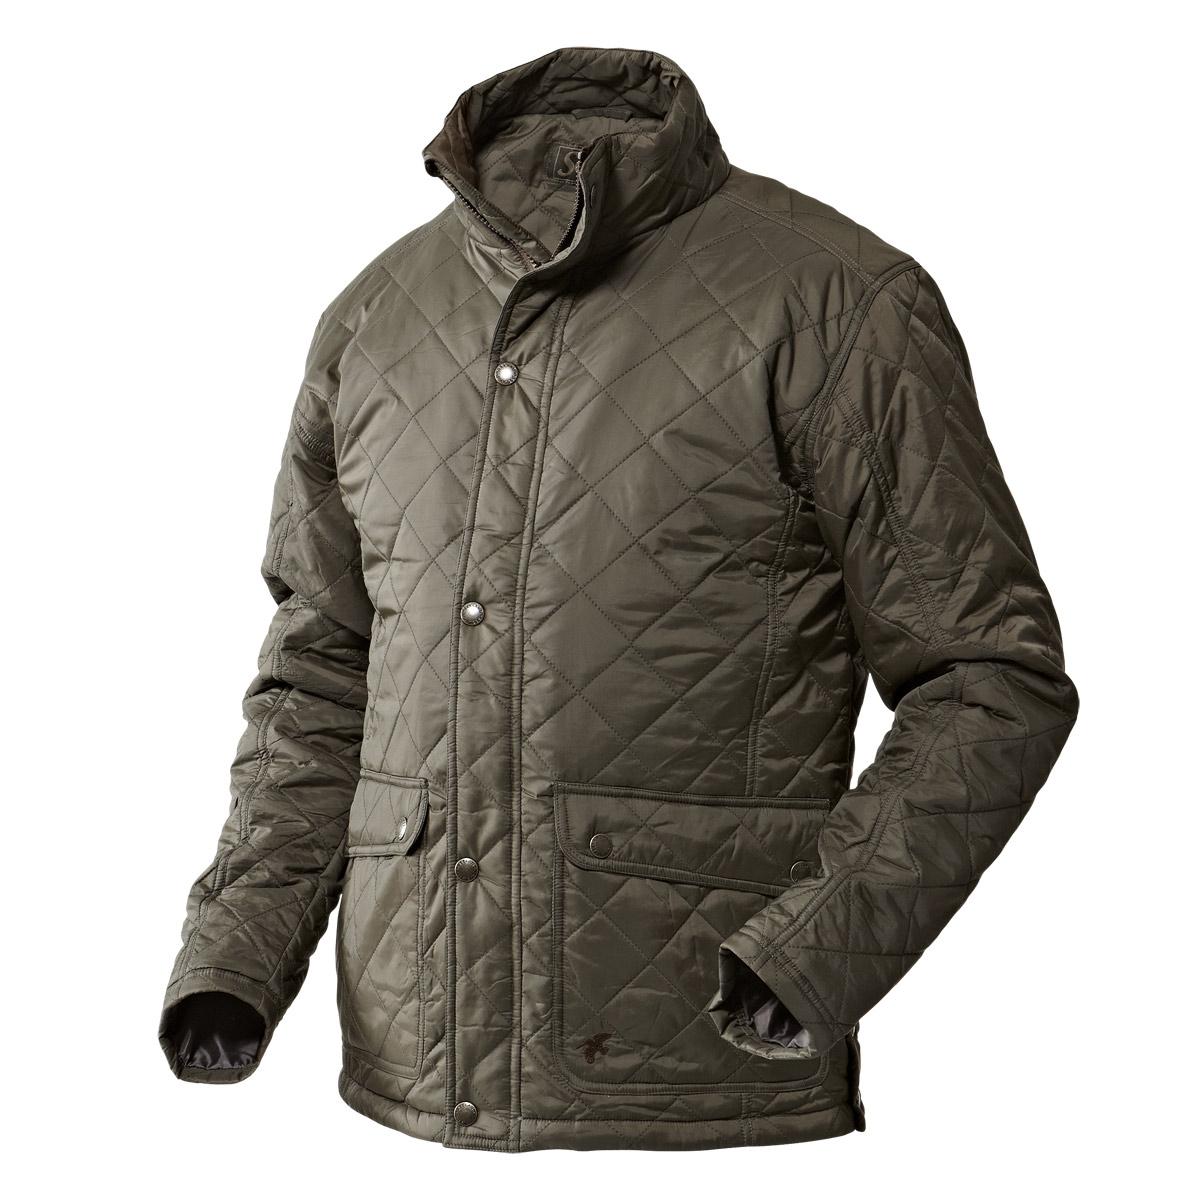 9d6fca8938a Seeland Cottage Quilt Jacket - Black Olive | Uttings.co.uk